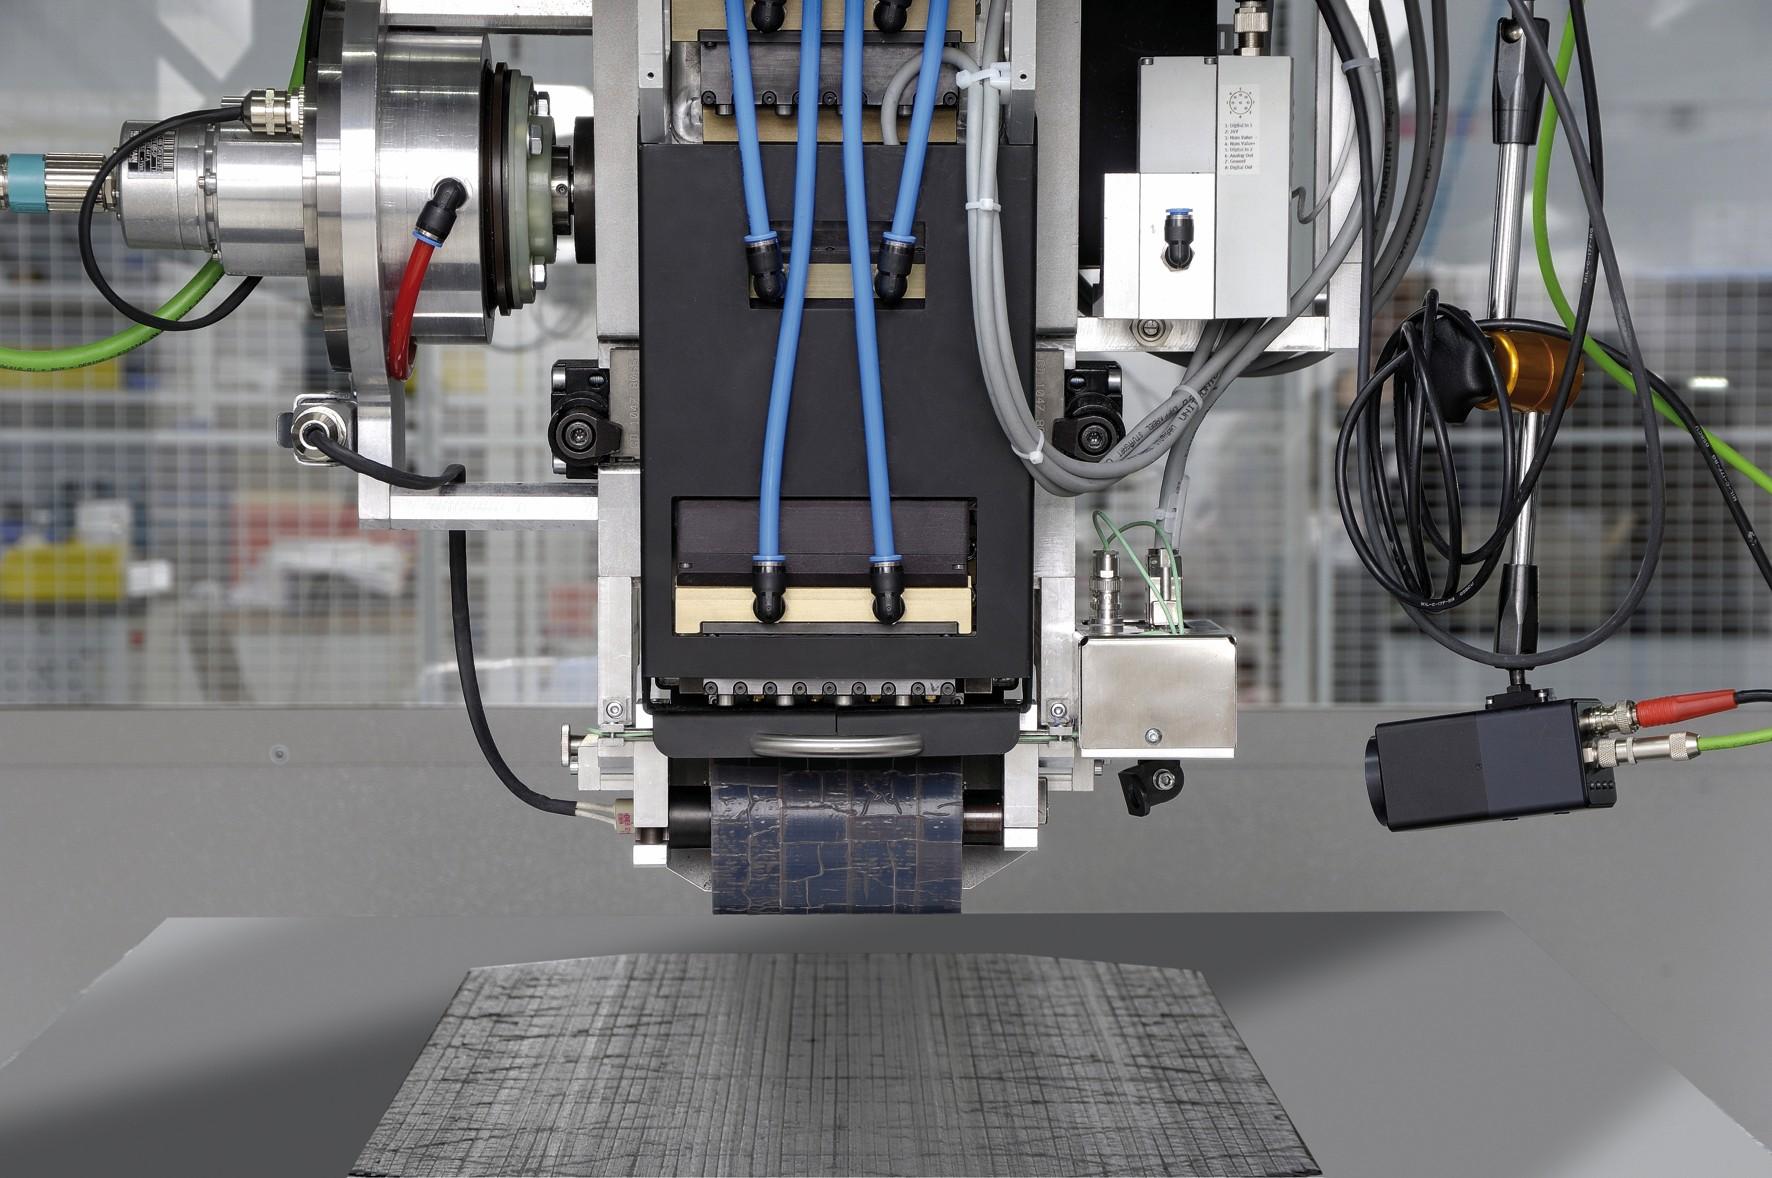 """Bild 4: Die Sinumerik 840D sl ermöglicht präzises """"fliegendes"""" Schneiden der Towpregs bei Vorschubgeschwindigkeiten von bis zu 30 m/min und damit die effiziente Herstellung endkonturnaher Stapel bei drastisch reduzierten Materialverlusten. (Bild: Broetje-Automation)"""